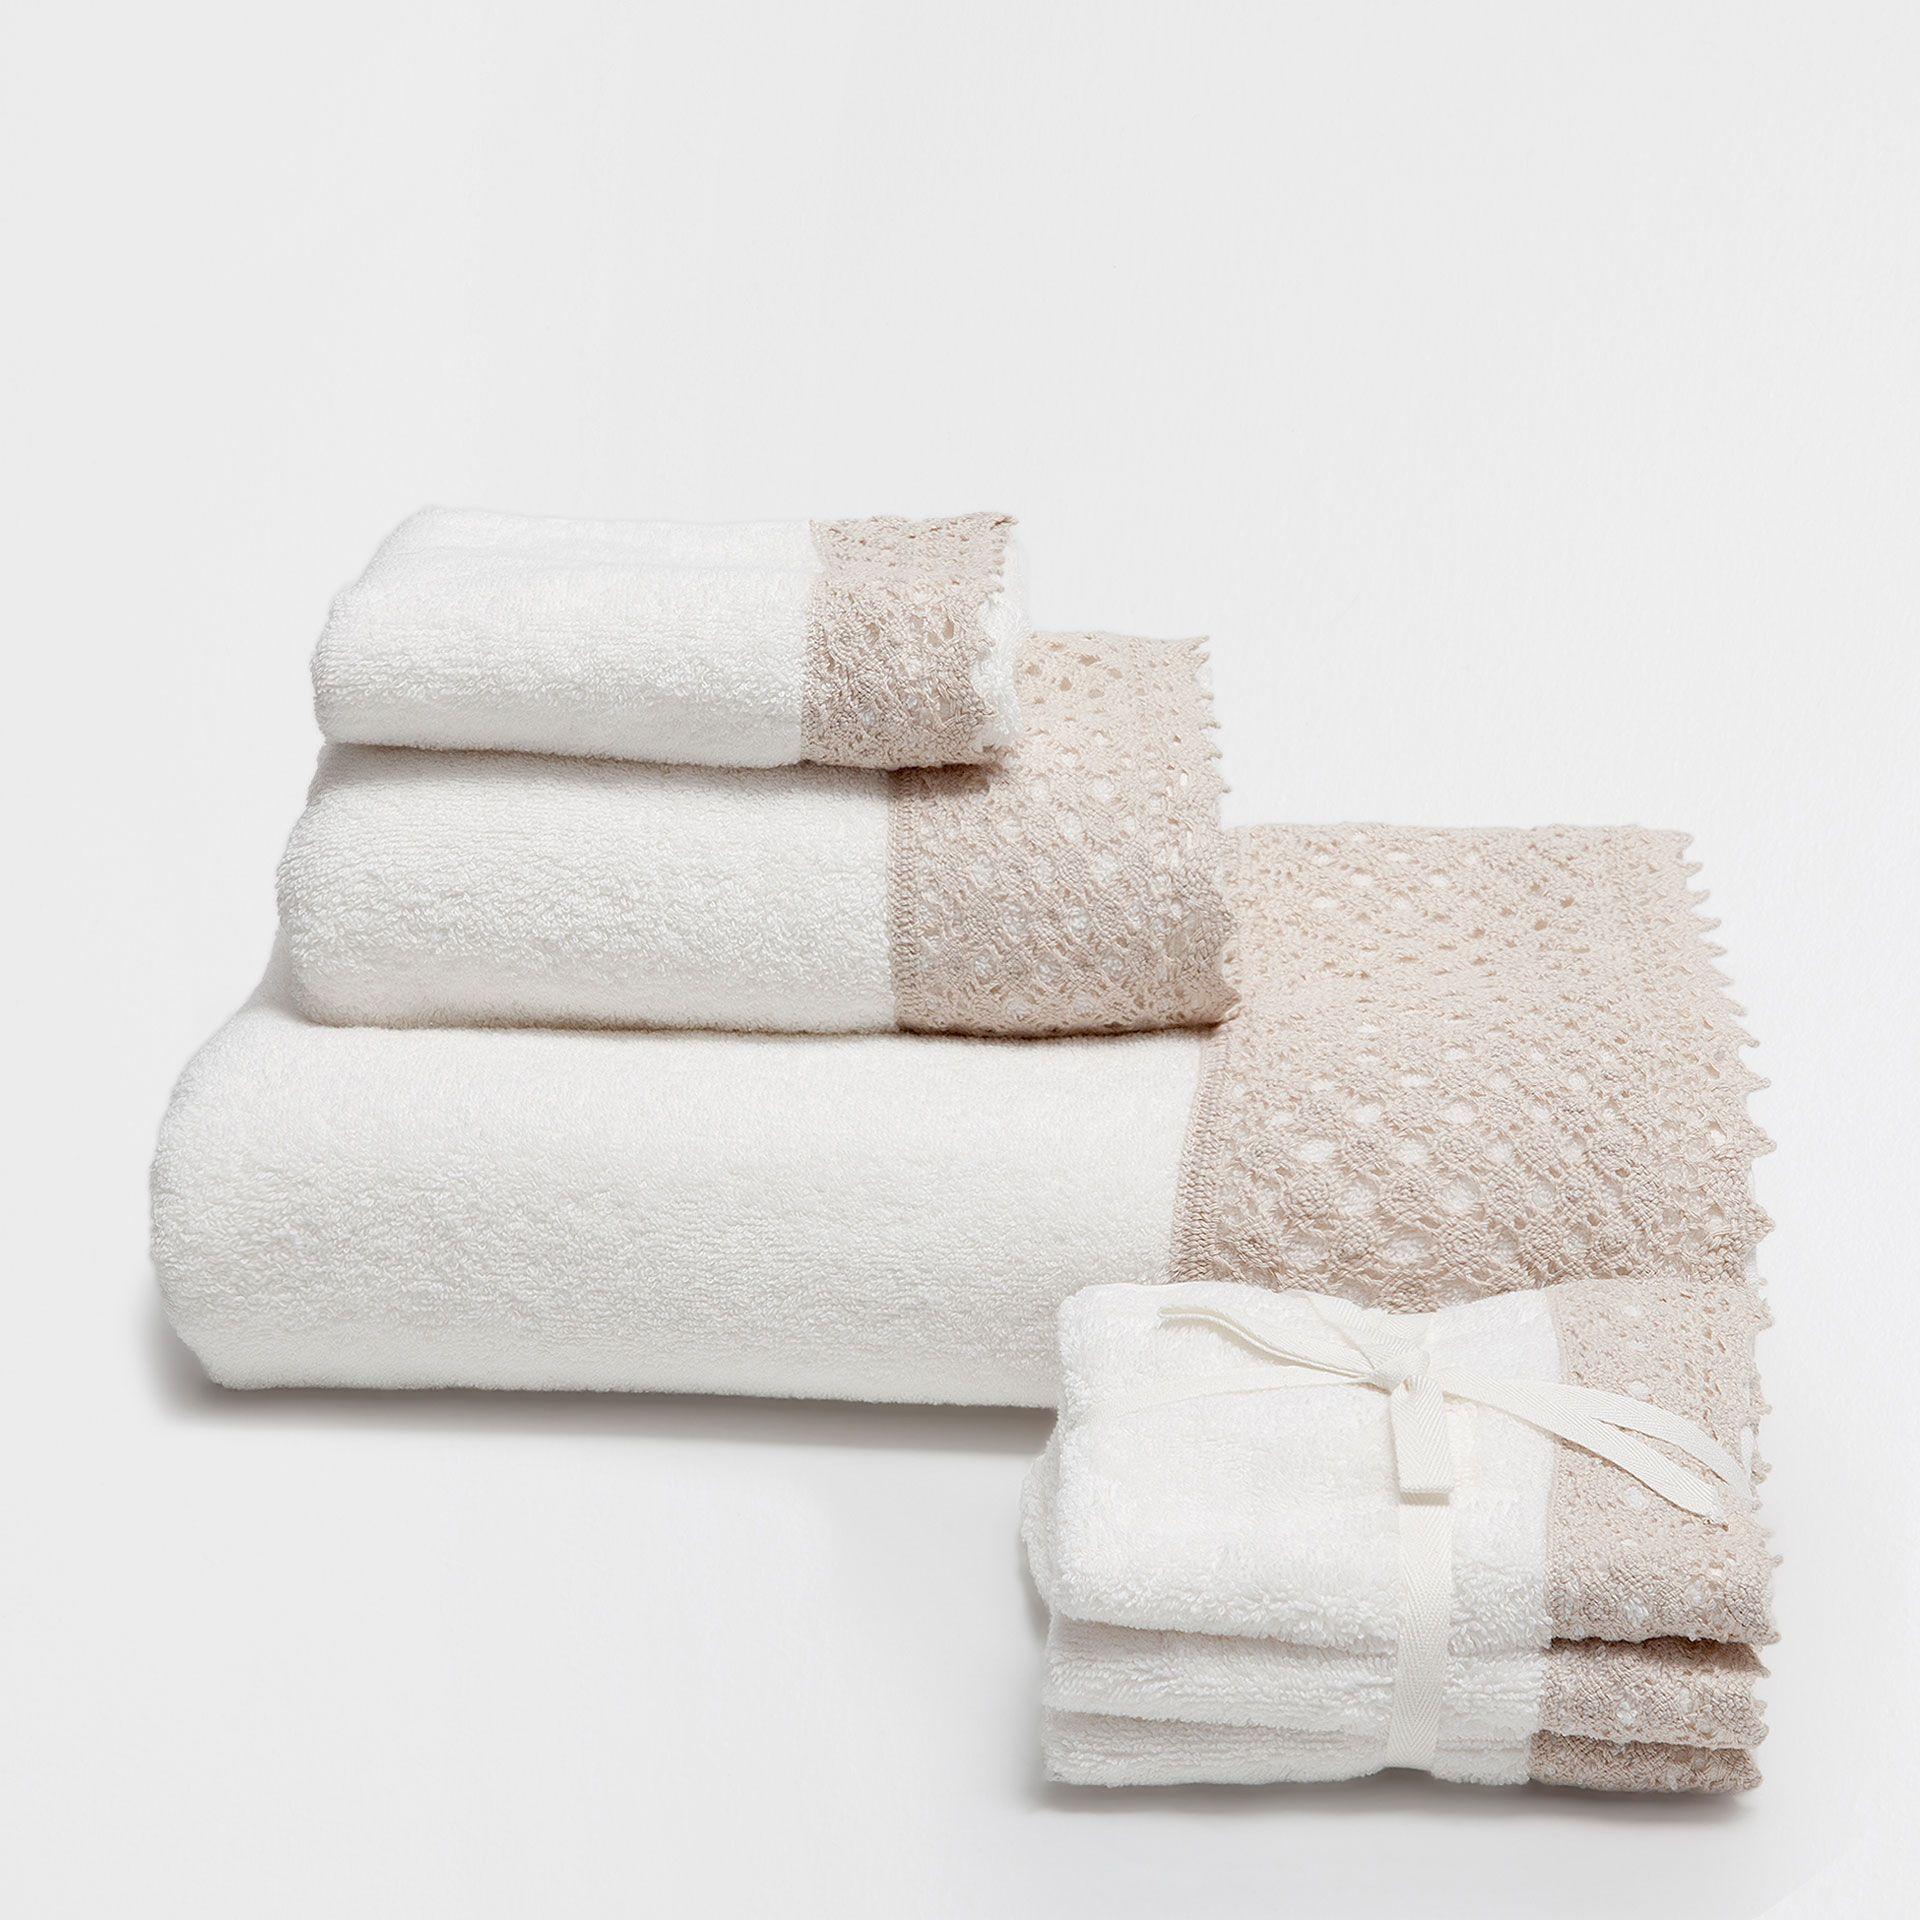 LACE TRIM JACQUARD COTTON TOWELS